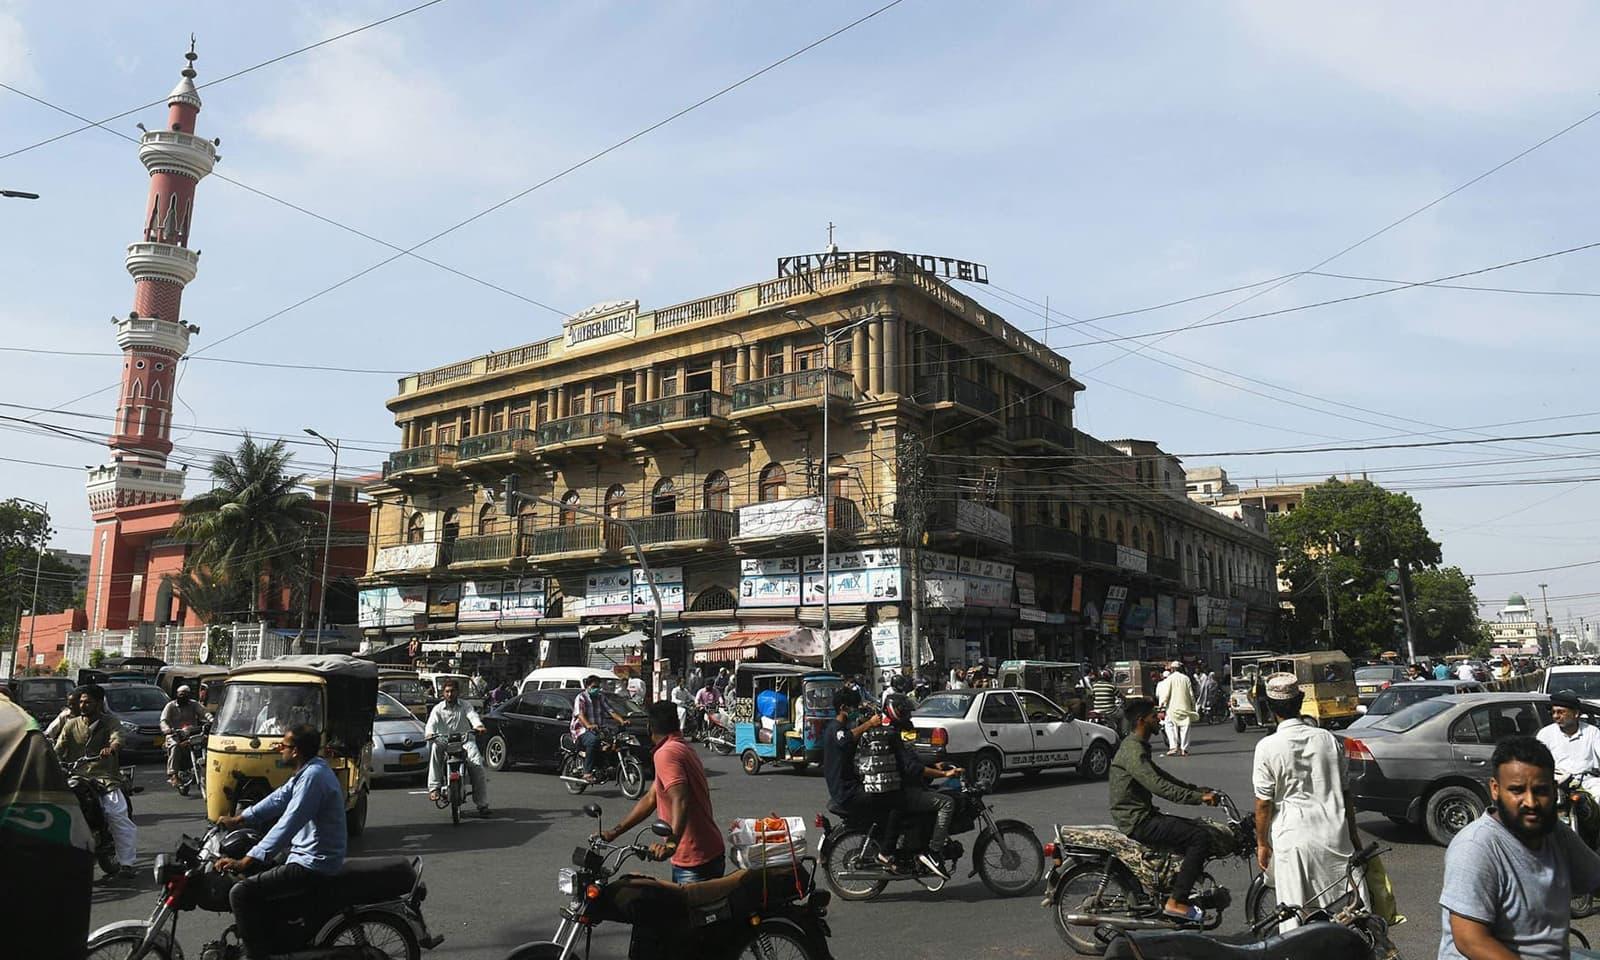 کراچی کی یہ تصویر لاک ڈاؤن اور اس کے بعد کی صورتحال کی بہترین منظر کشی کرتی ہے— فوٹو: اے ایف پی